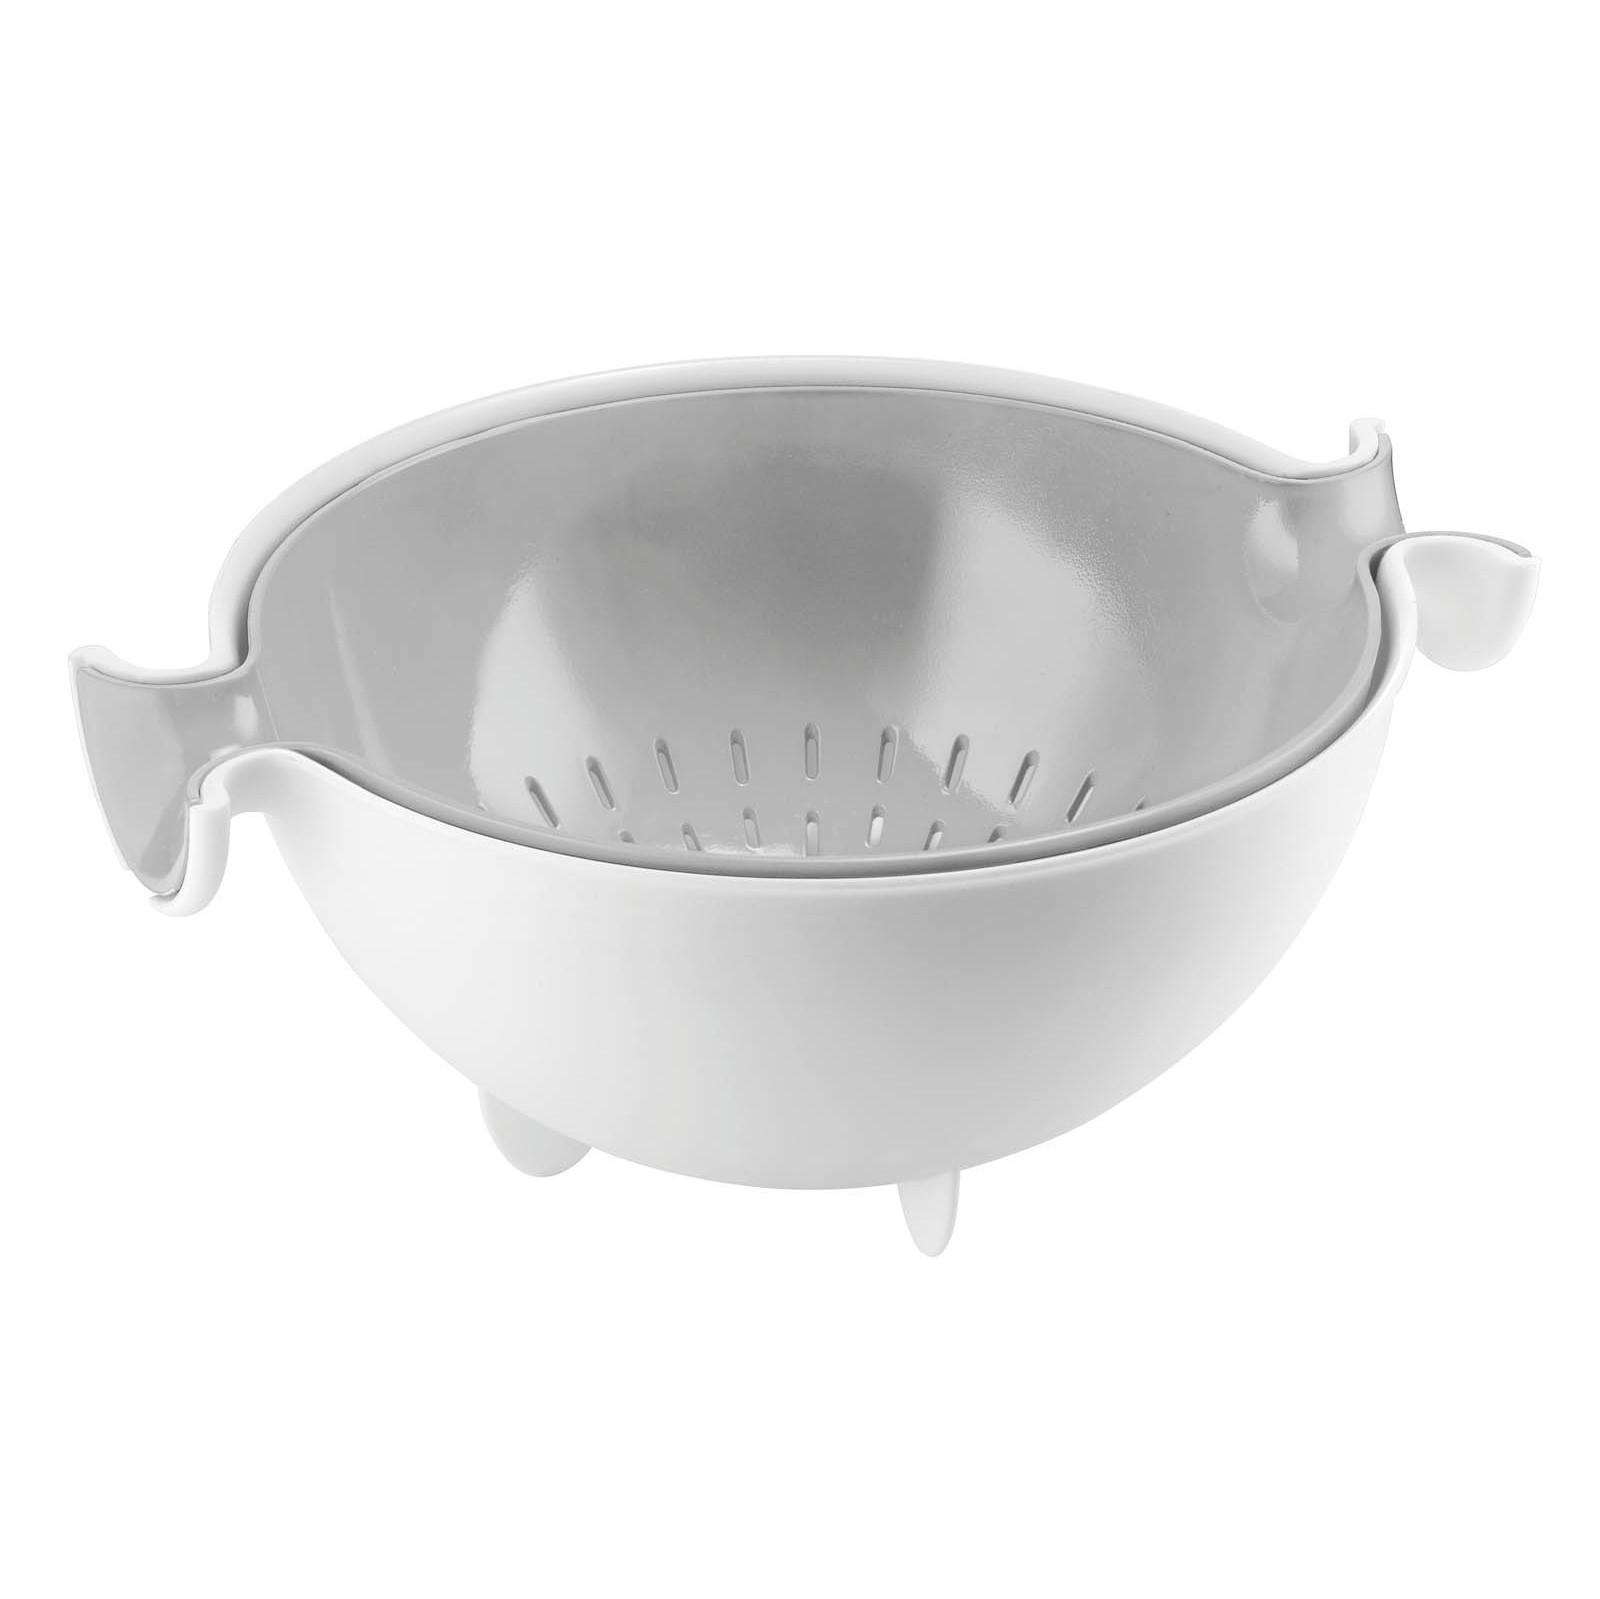 Набор для кухни (дуршлаг + чаша) MY KITCHENFratelli Guzzini производит пластиковую посуду и аксессуары для дома. Элегантный комплект из дуршлага и чаши - удобный предмет для кухни. Вам всегда будет удобно сливать лишнюю жидкость, не прибегая к помощи домочадцев.<br>